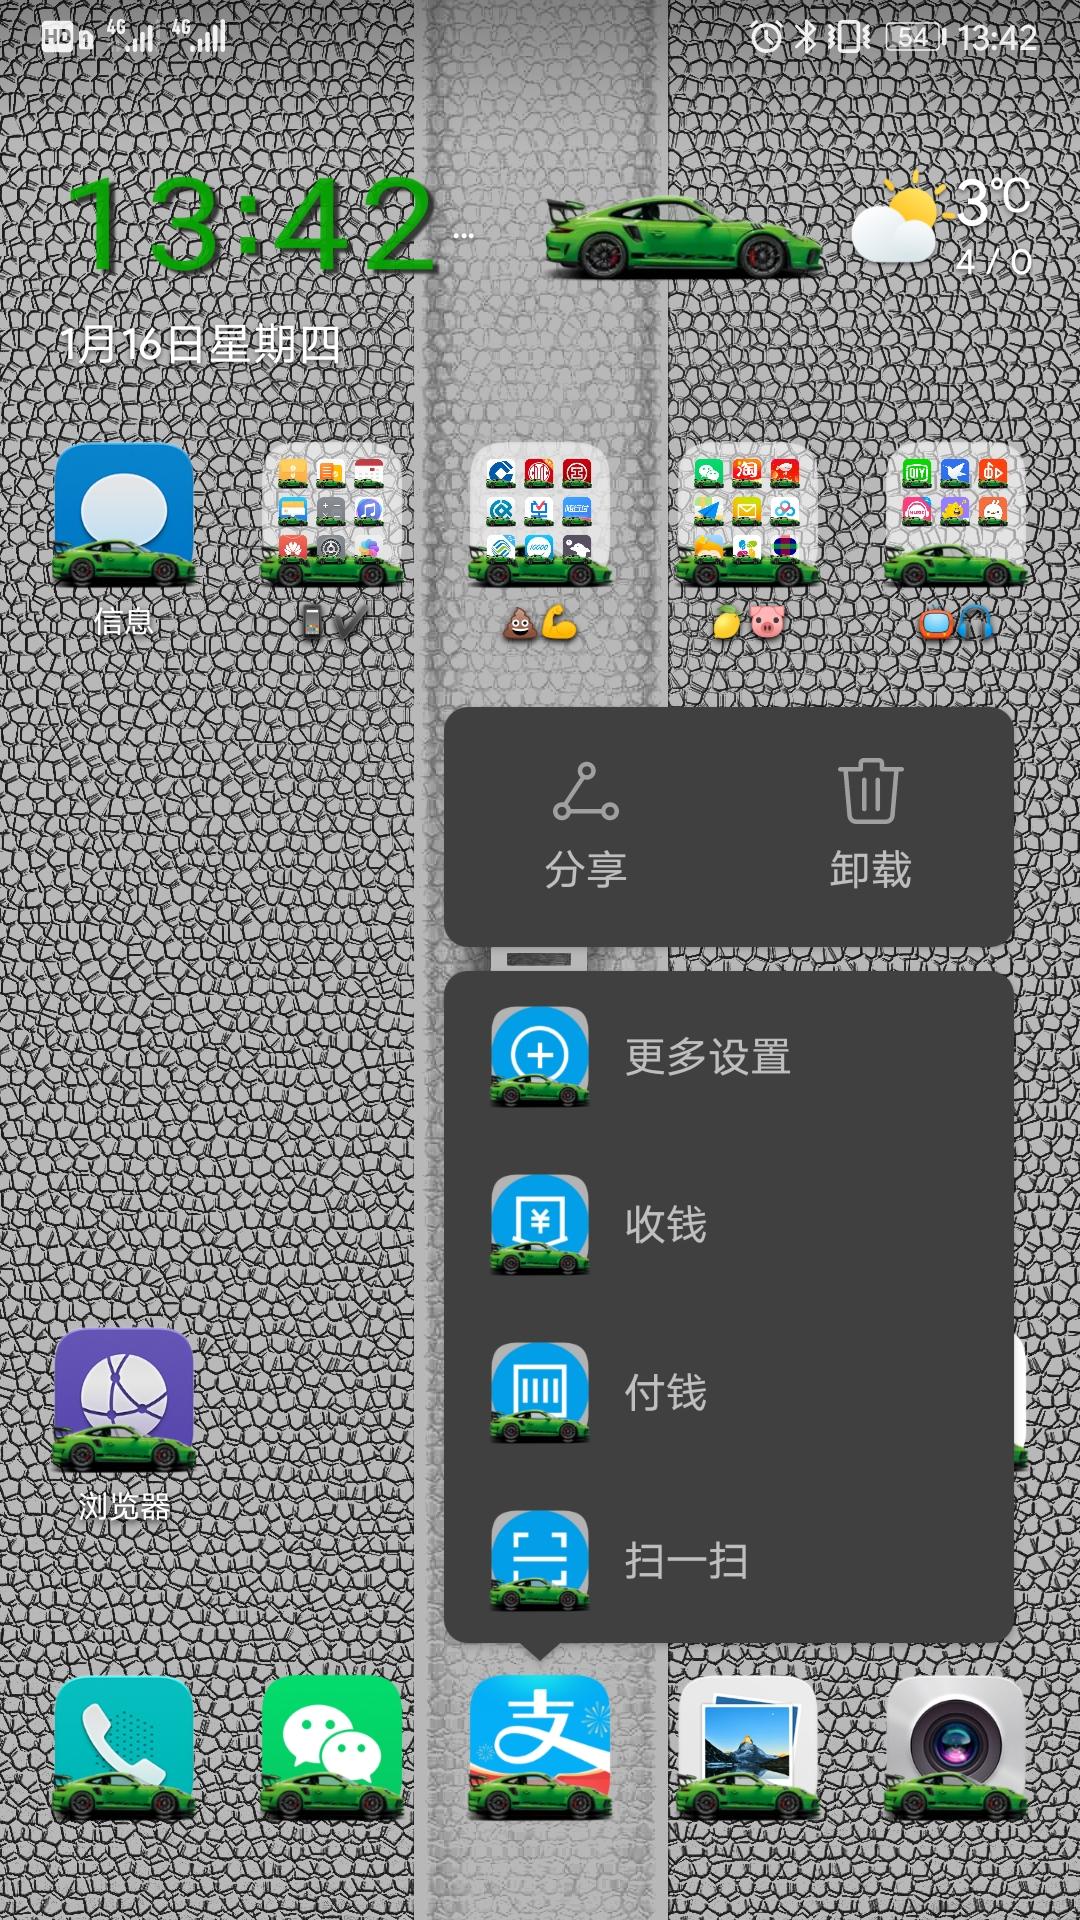 Screenshot_20200116_134237_com.huawei.android.launcher.jpg